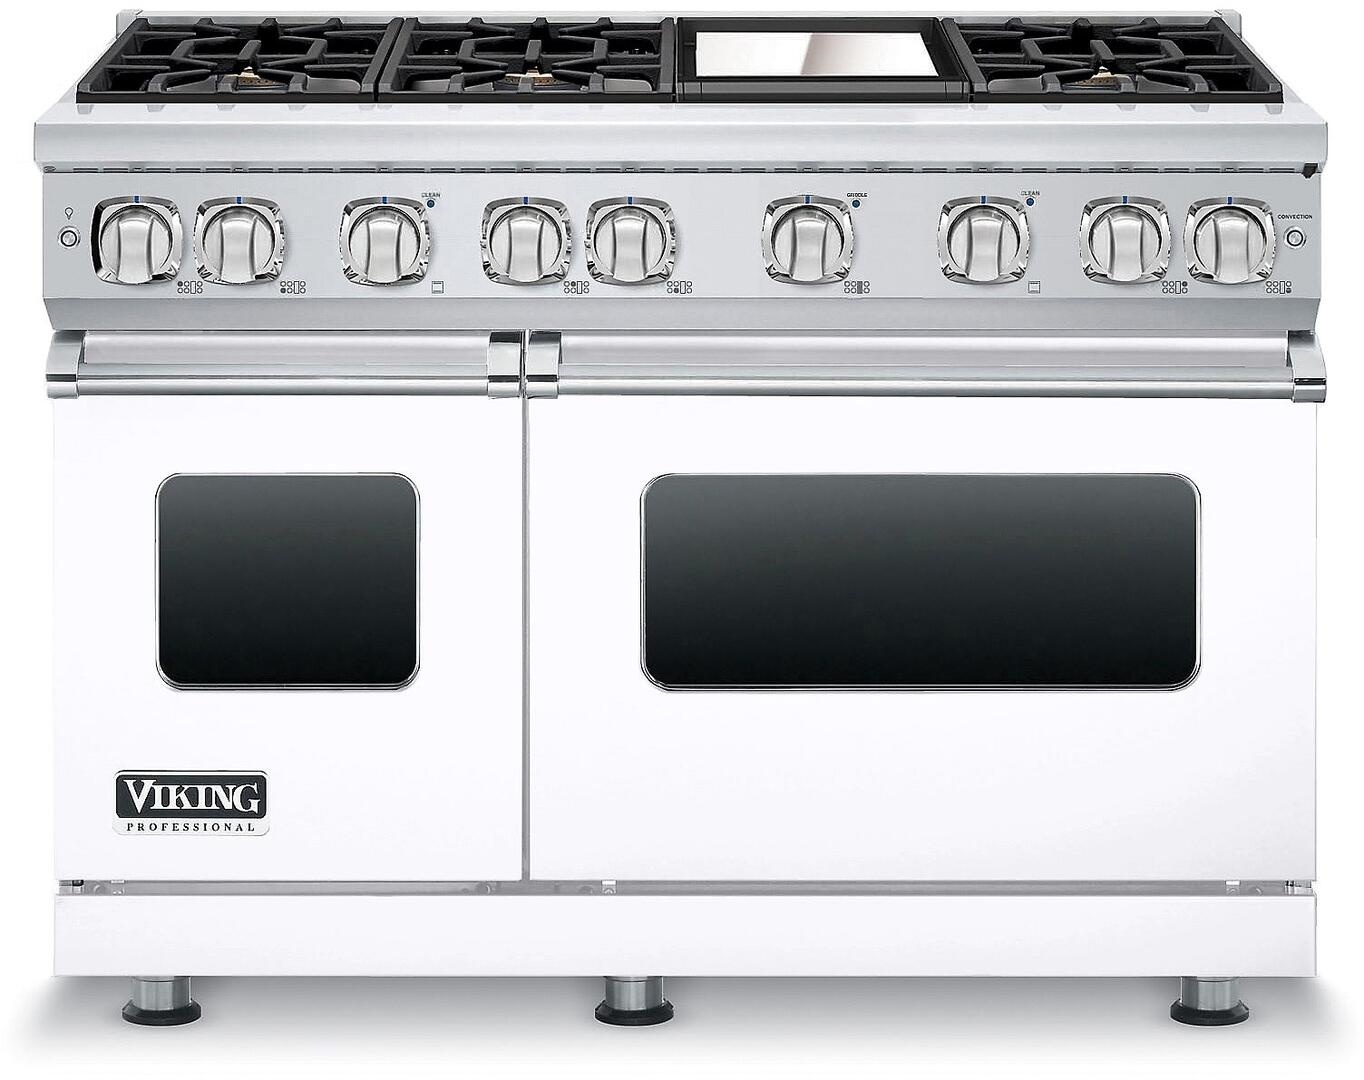 Viking Vgr7486g 48 Professional 7 Series Freestanding Range With 6 Wiring Diagram 3